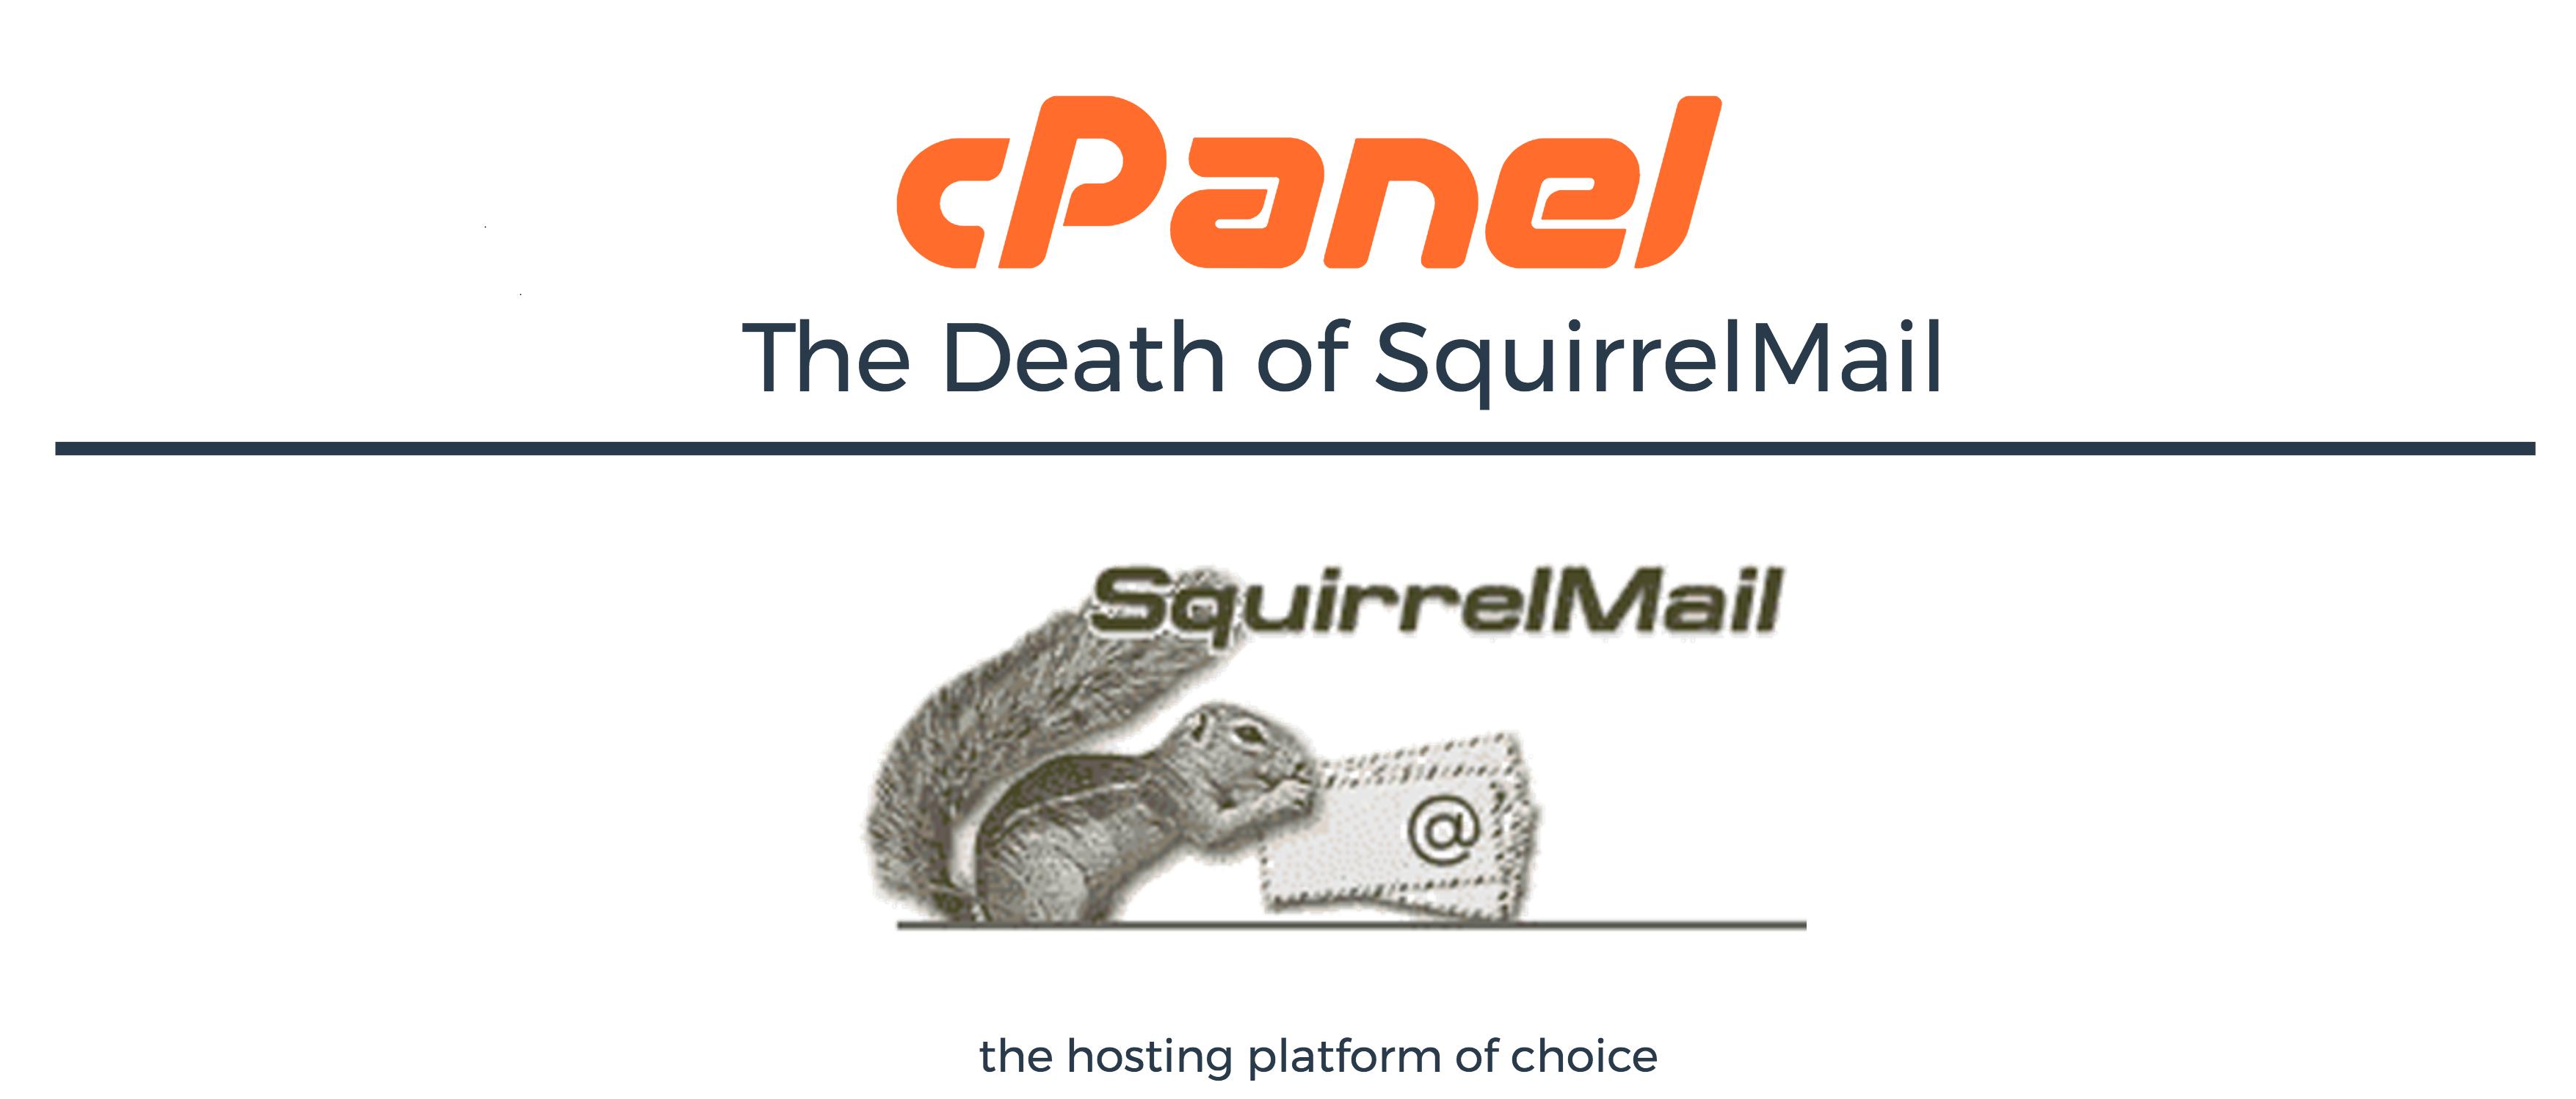 SquirrelMail Akan di tiadakan Oleh cPanel